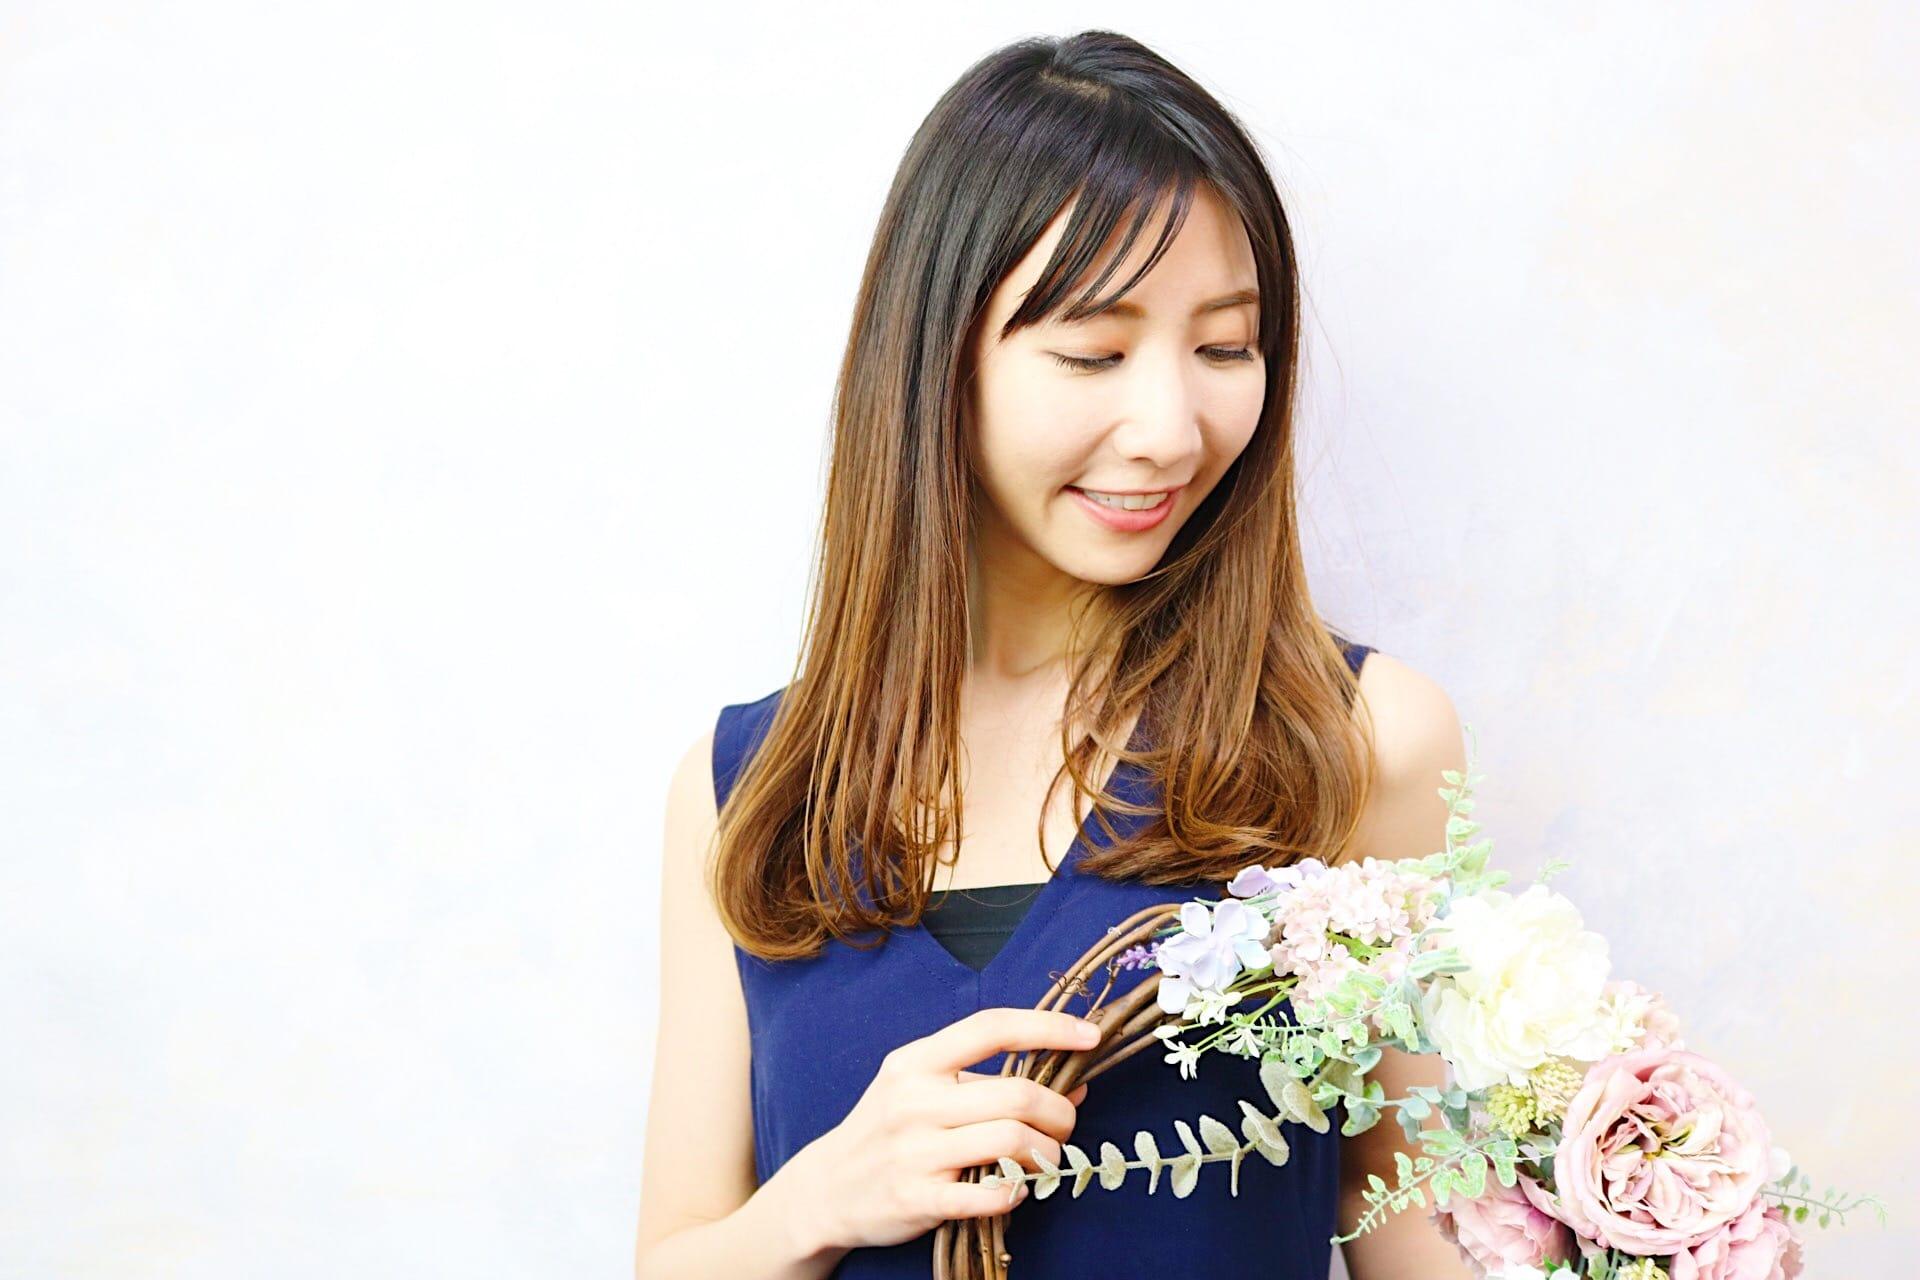 ハンドメイドの花を持つ女性